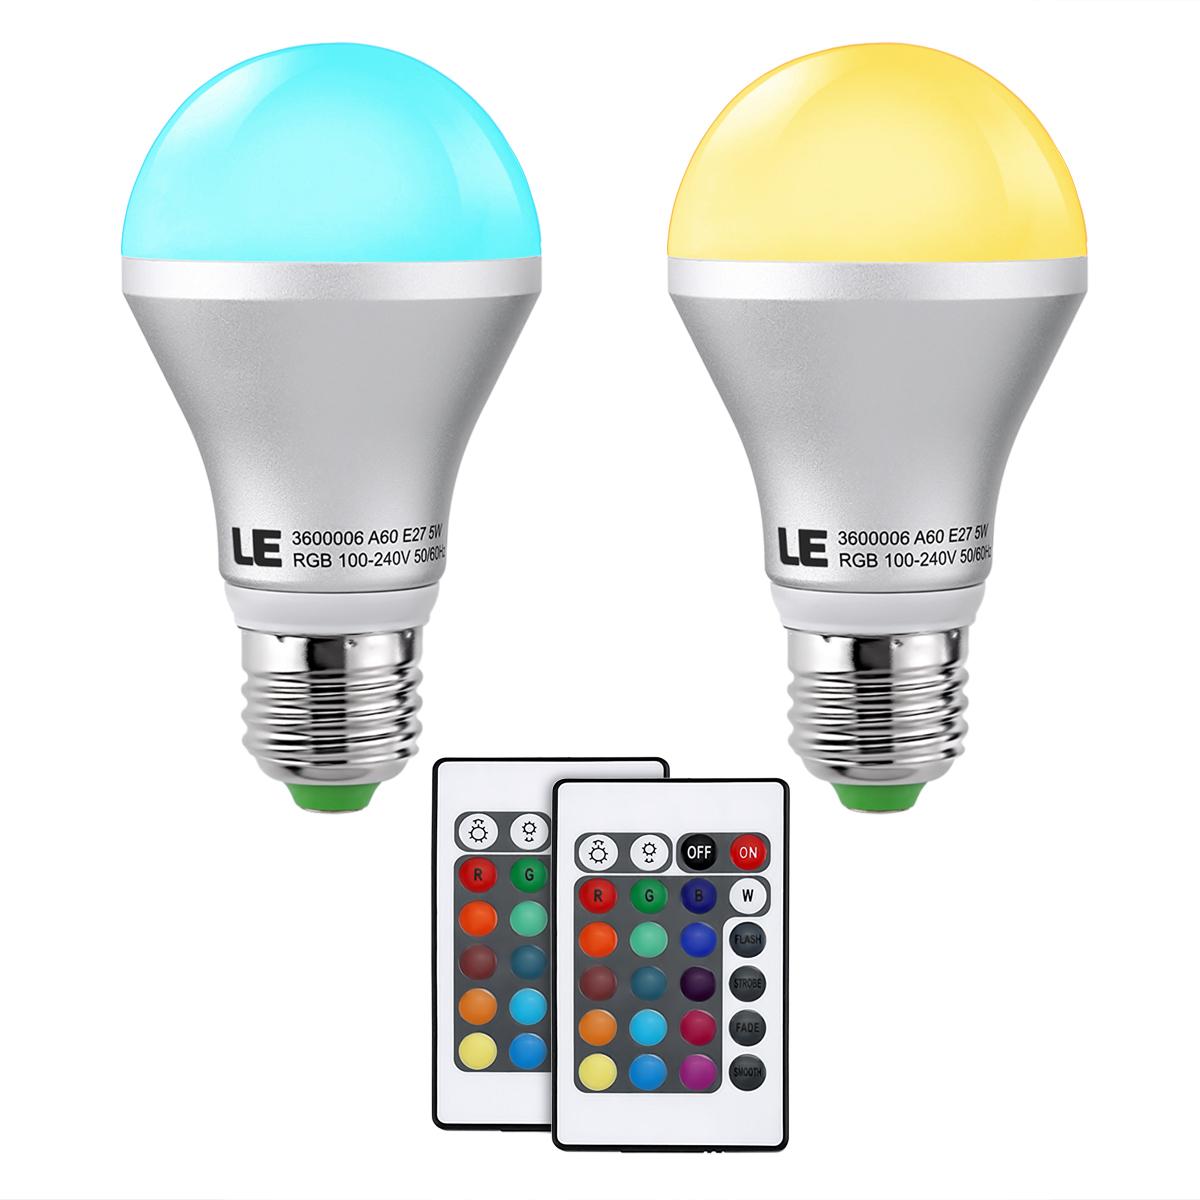 5W A60 E27 RGB LED Glühbirnen inkl. Fernbedienung, Dimmbar 16 Farben, Stimmungslicht, 2er Set